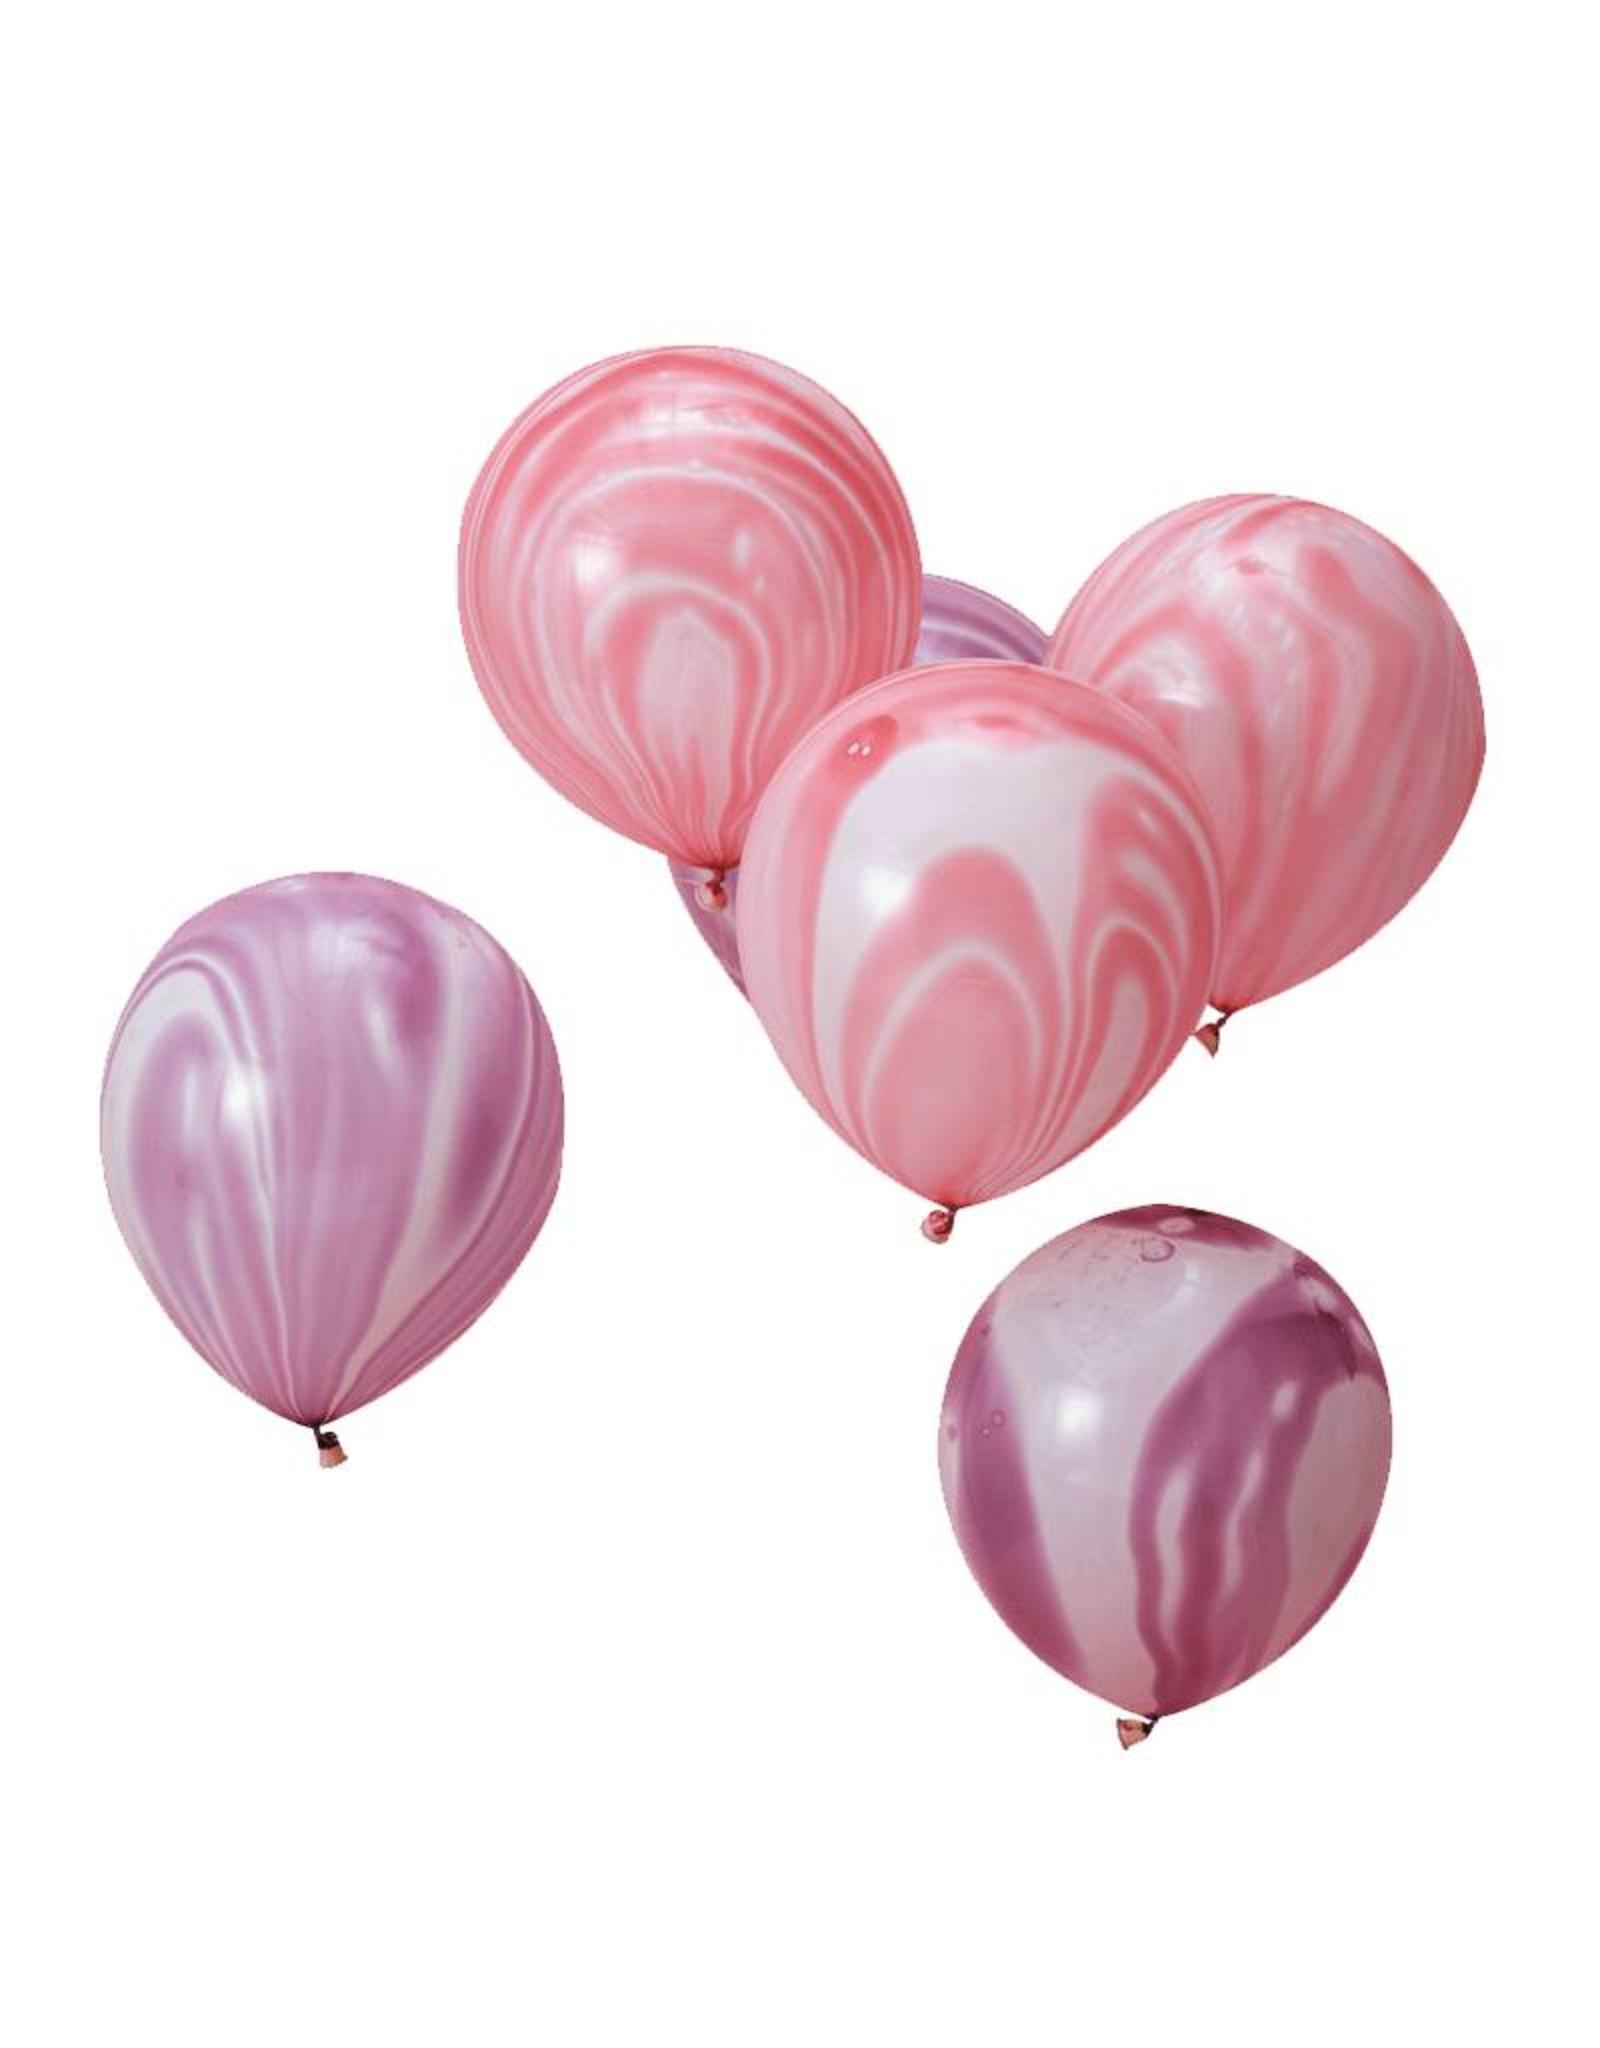 Ginger Ray Ballonnen marble paars & roze | 10 stuks